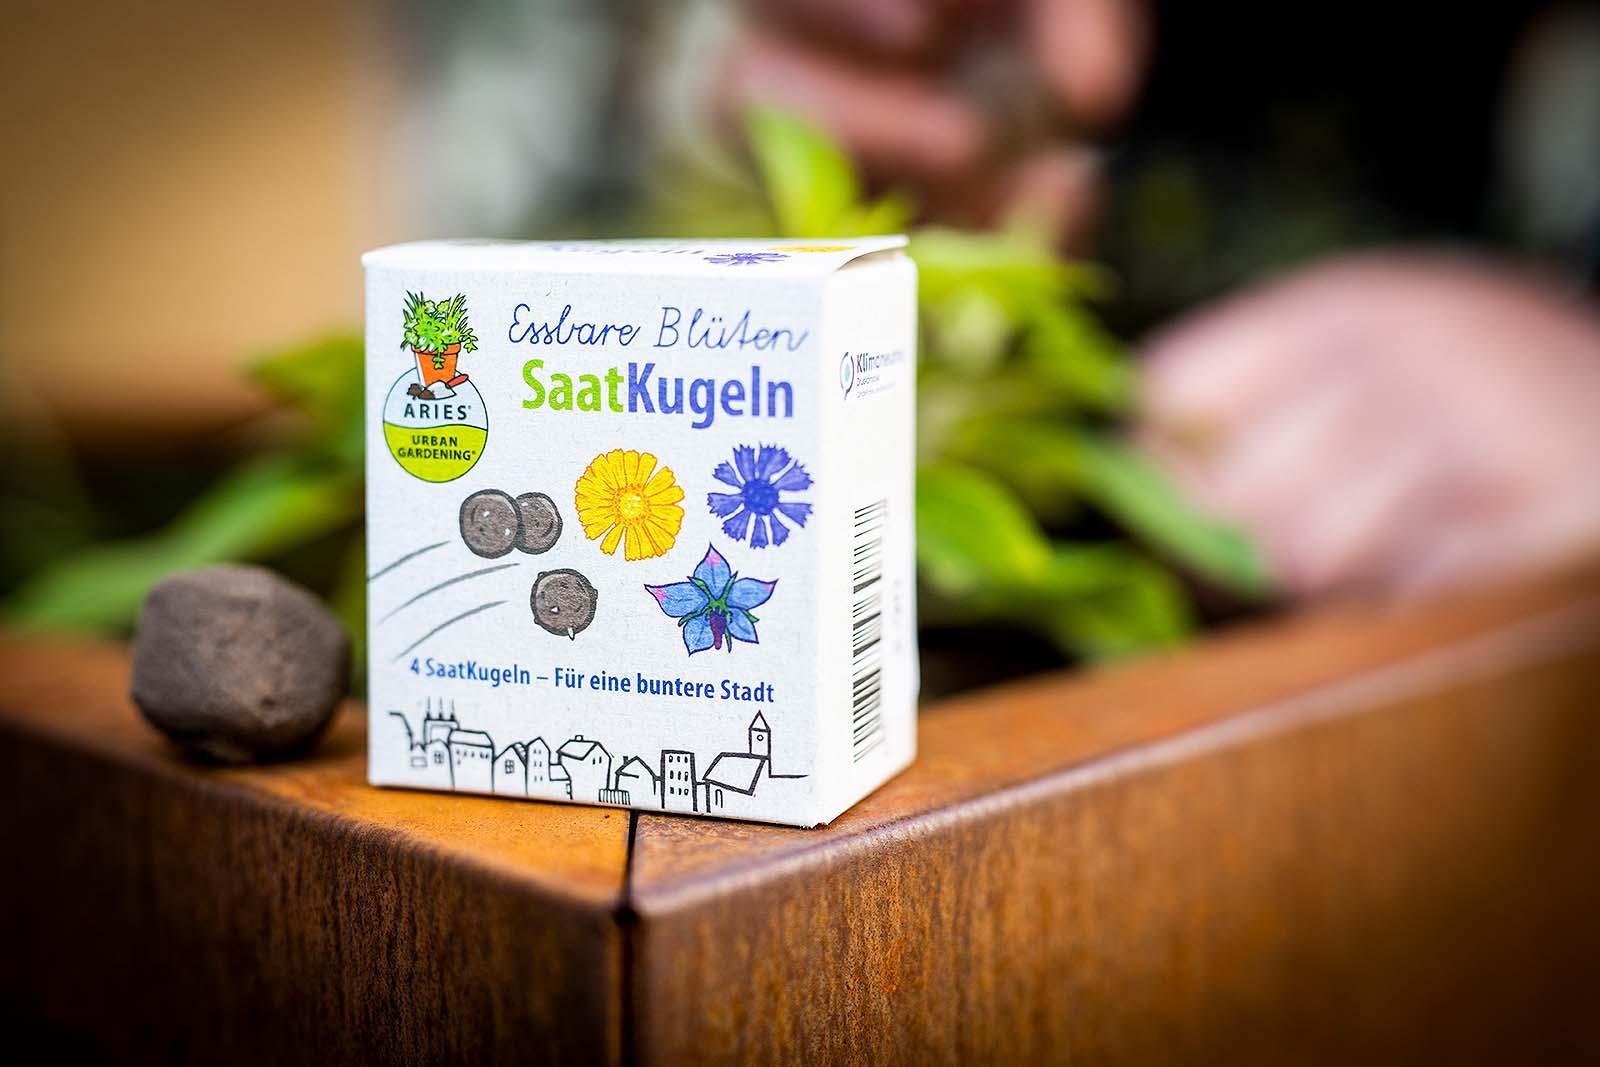 Saat-Bombe – mach deine Stadt grüner. Im ökolädchen in Osnabrück gibt es Saatkugeln mit essbaren Blüten.